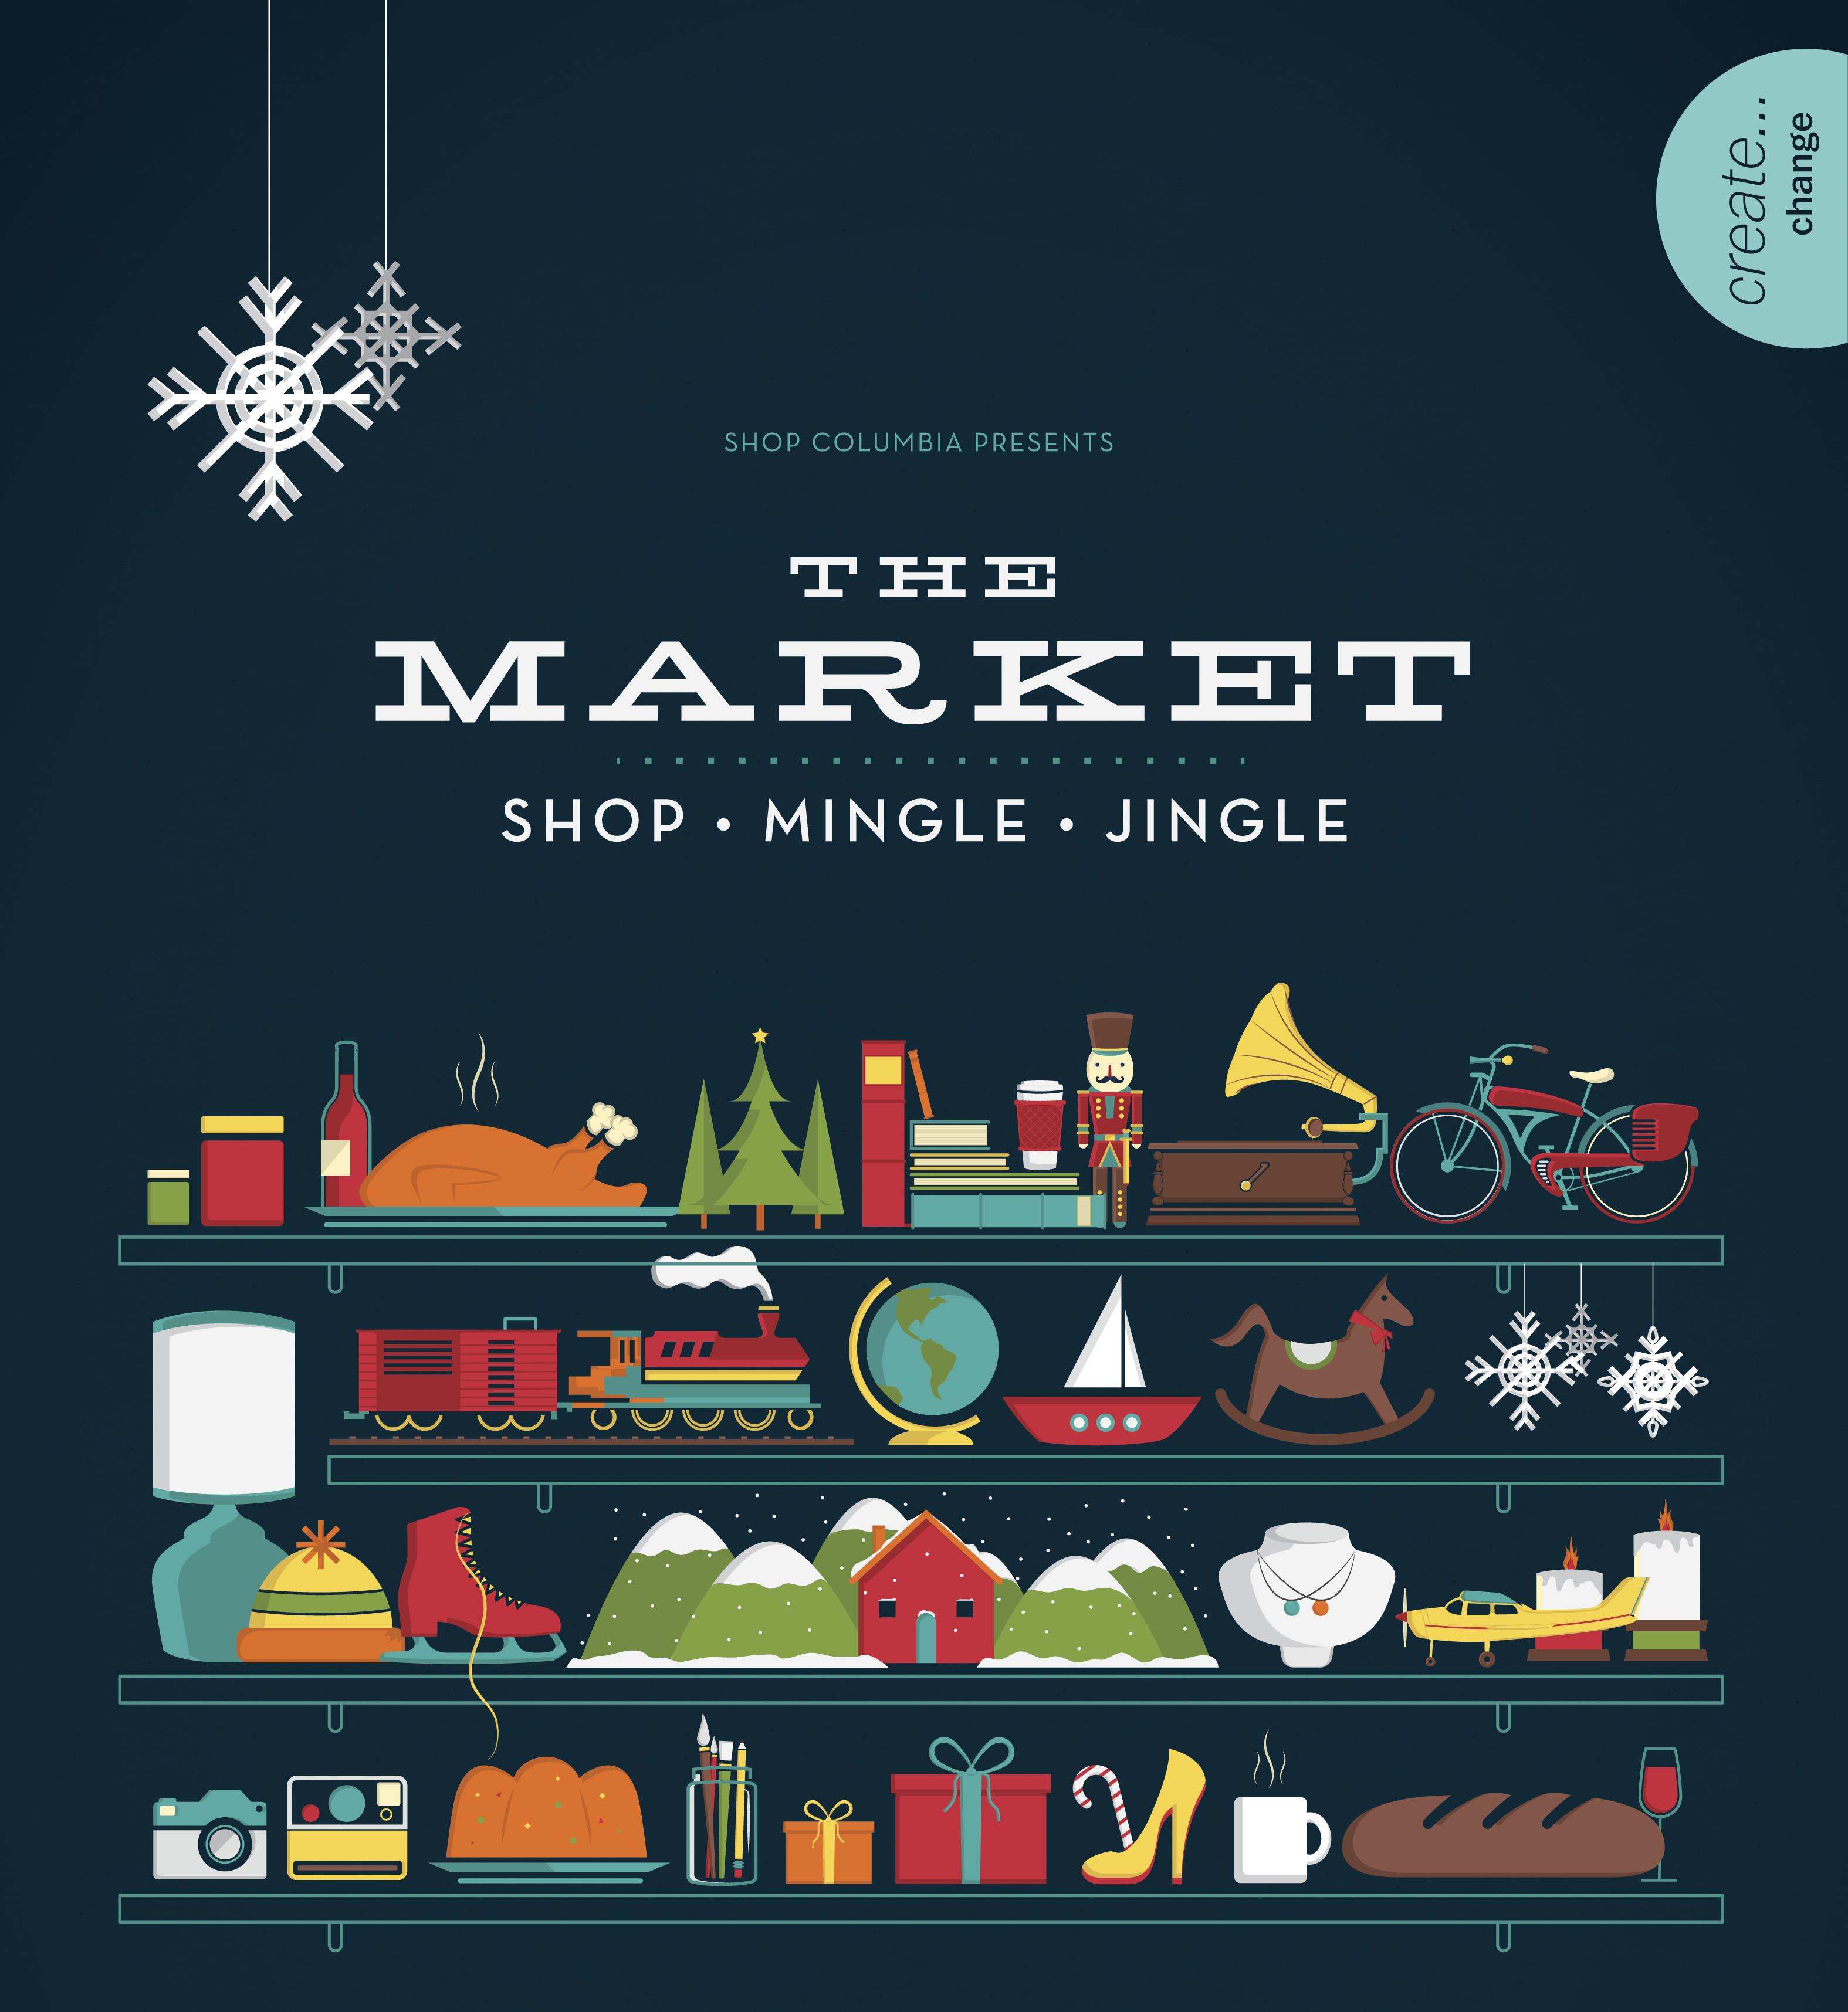 ShopColumbia presents: The Market – Shop, Mingle & Jingle